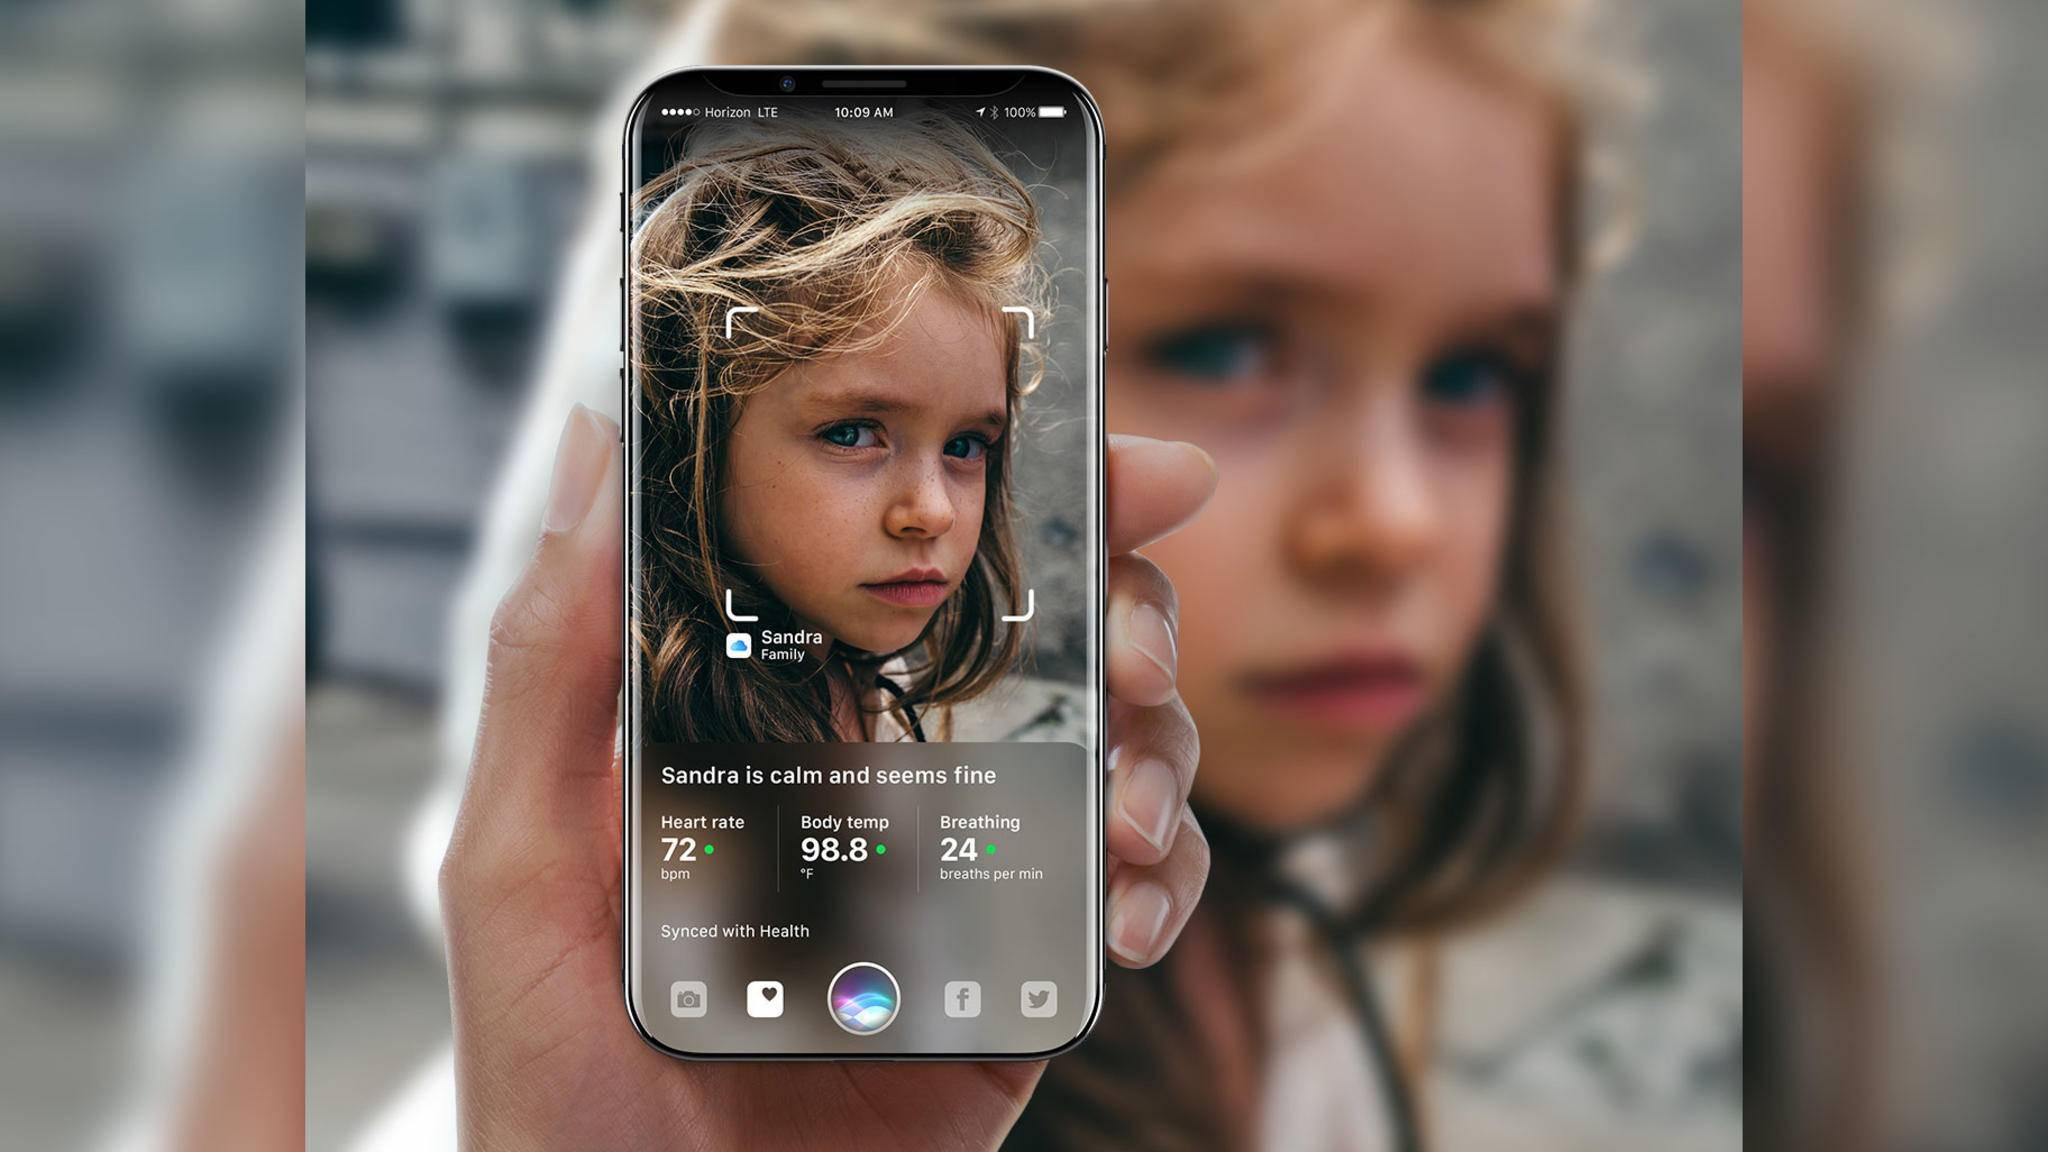 Für das iPhone 8 soll angeblich ein verbesserter Empfänger zum Einsatz kommen, der eine deutlich höhere Lautstärke erreichen könnte.